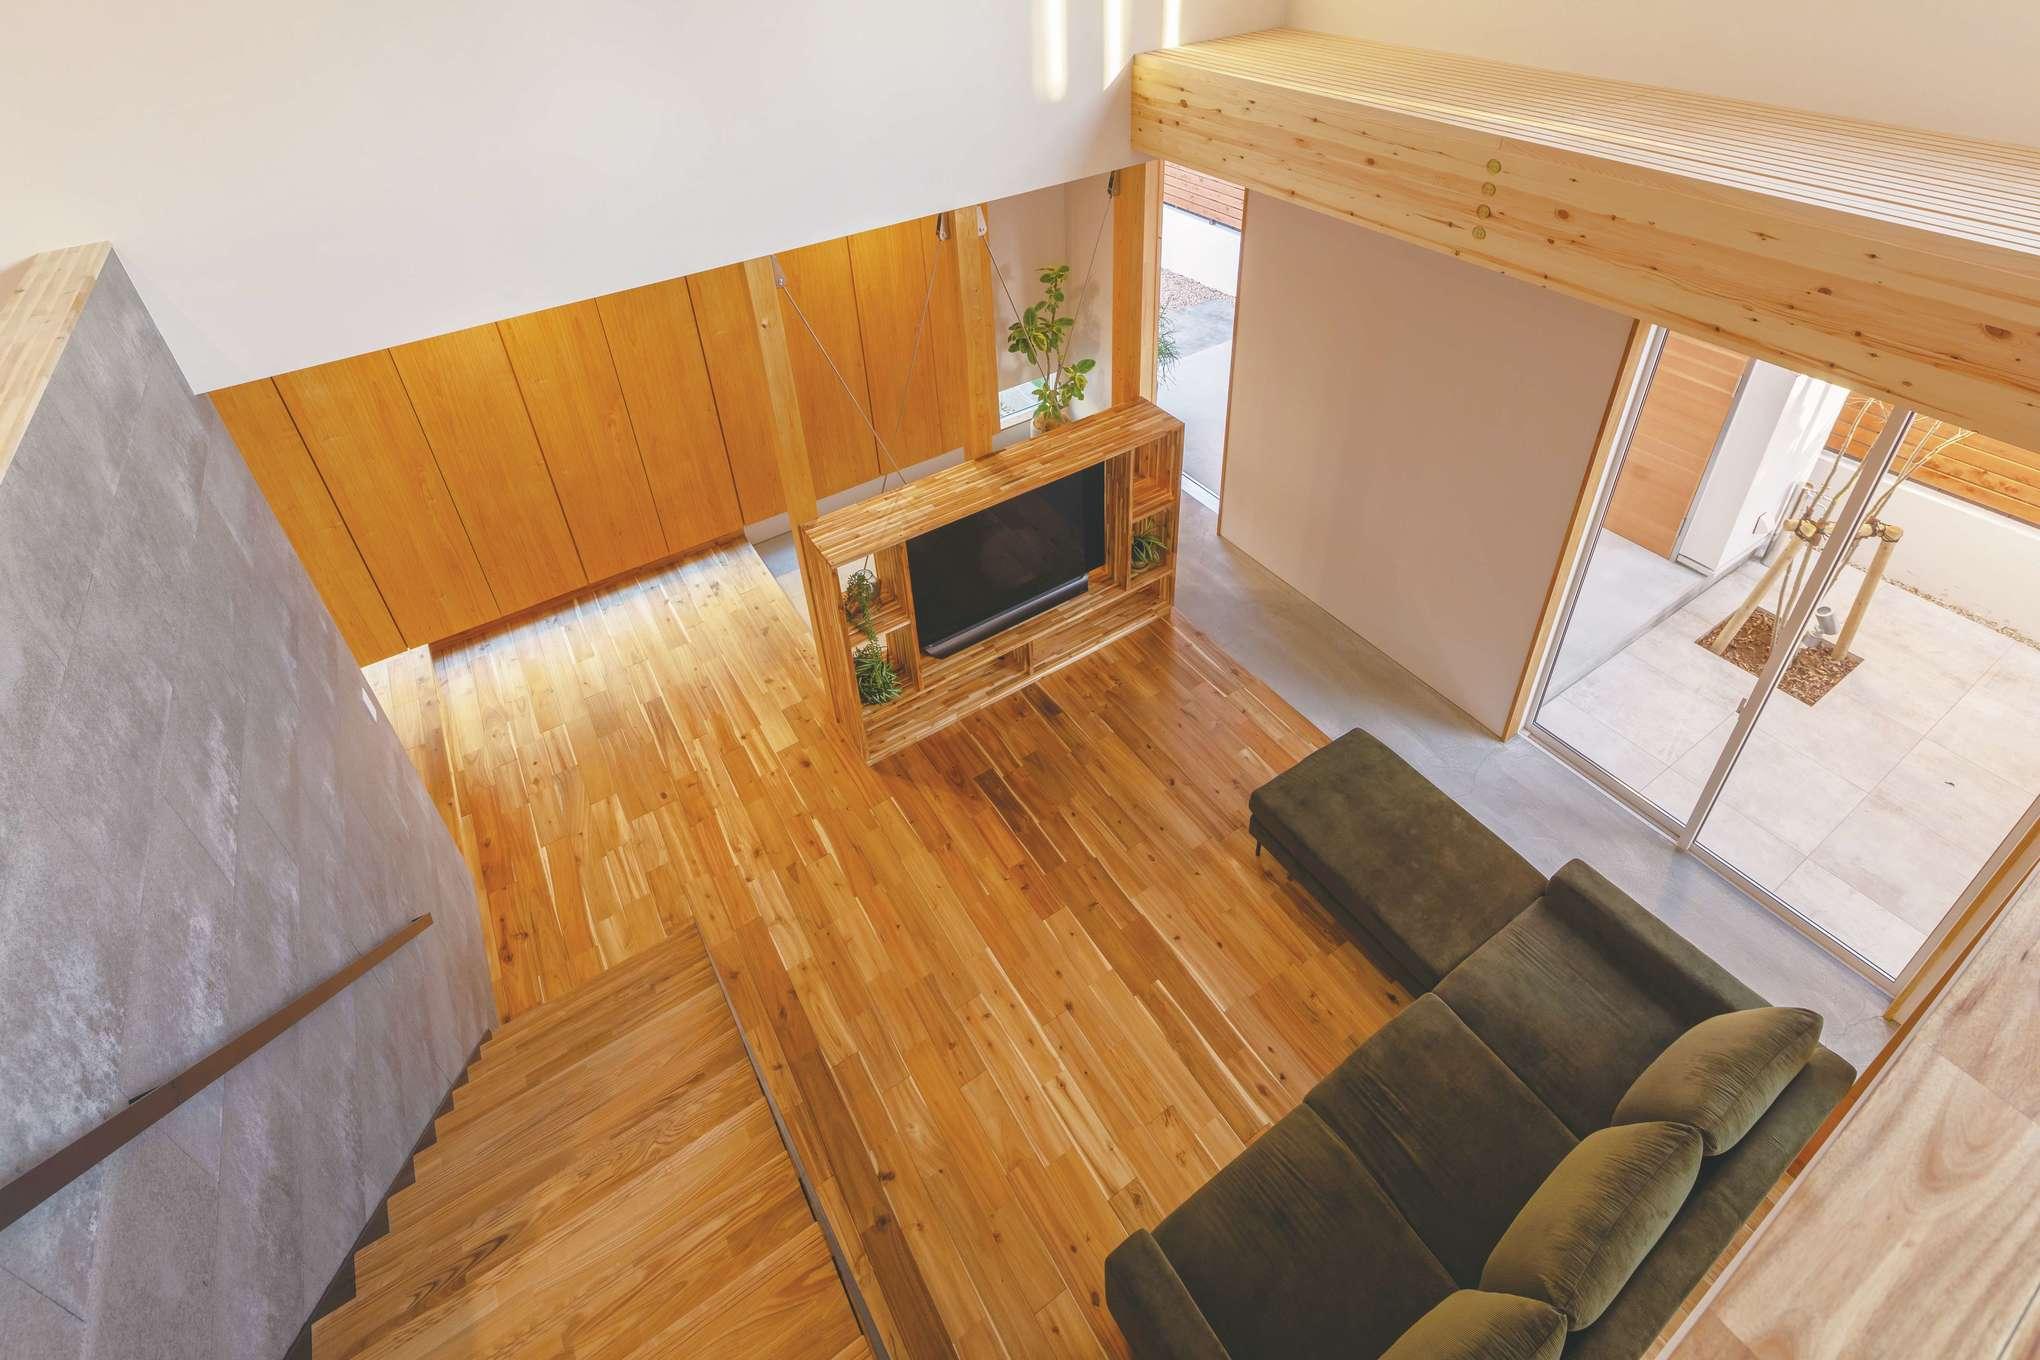 家の中で外の感覚になれる場所が、玄関からリビング、ダイニングまで延びる土間だ。生活スペースを取り囲むこの空間が、家の中と外の境界を柔らかくぼかし、中と外の繋がりをいっそう強めている。土間部分の天井は格子状になっているので、2階からの自然光が、まるで木漏れ日のように優しく降り注ぐ。